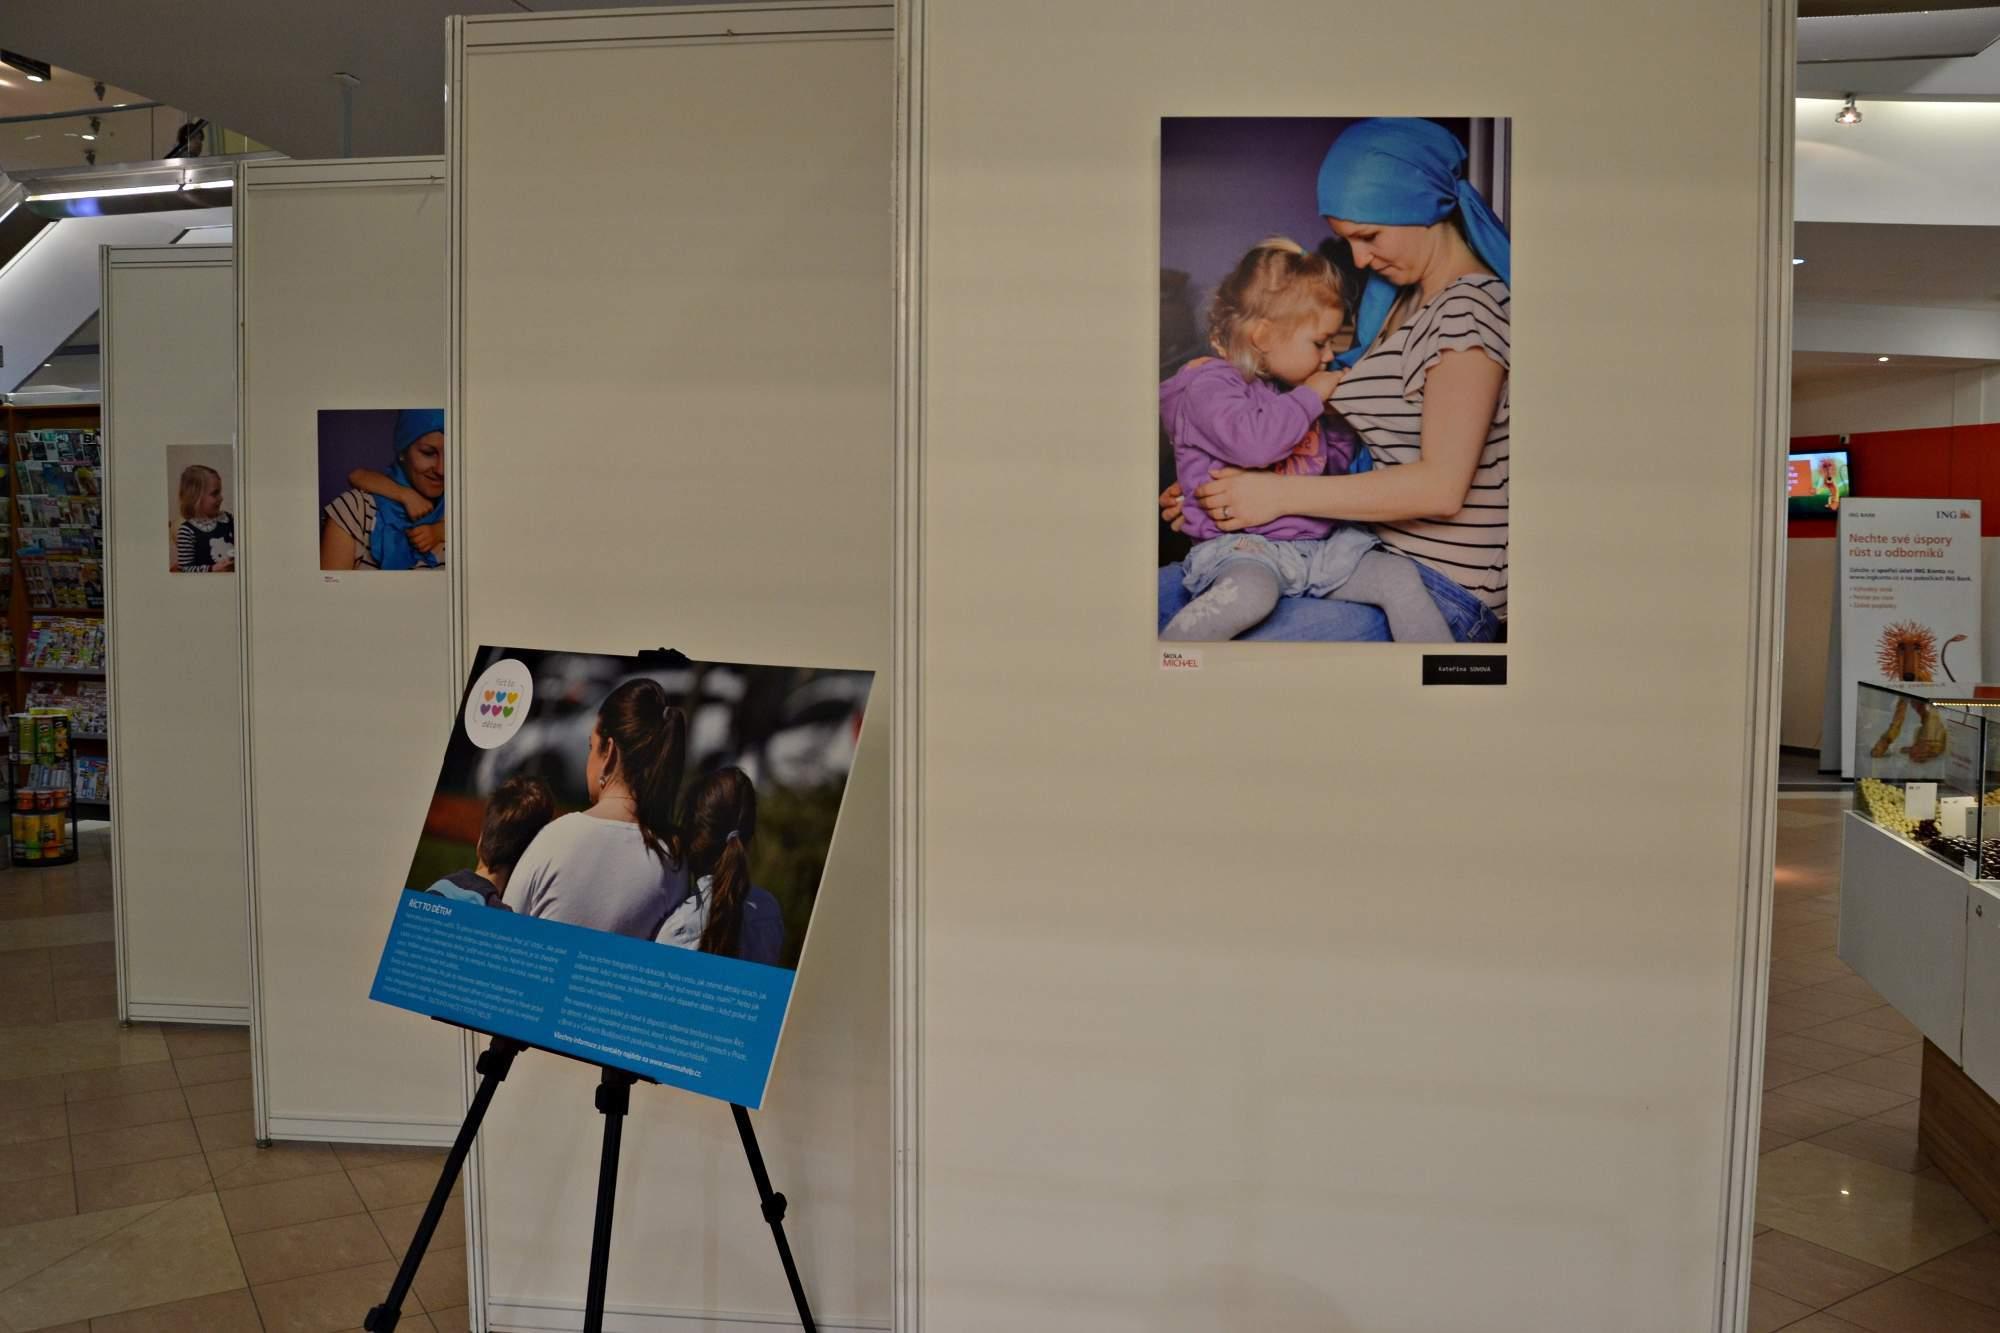 Výstava nese název Říct to dětem a je nainstalována v obchodním centru Velký Špalíček.